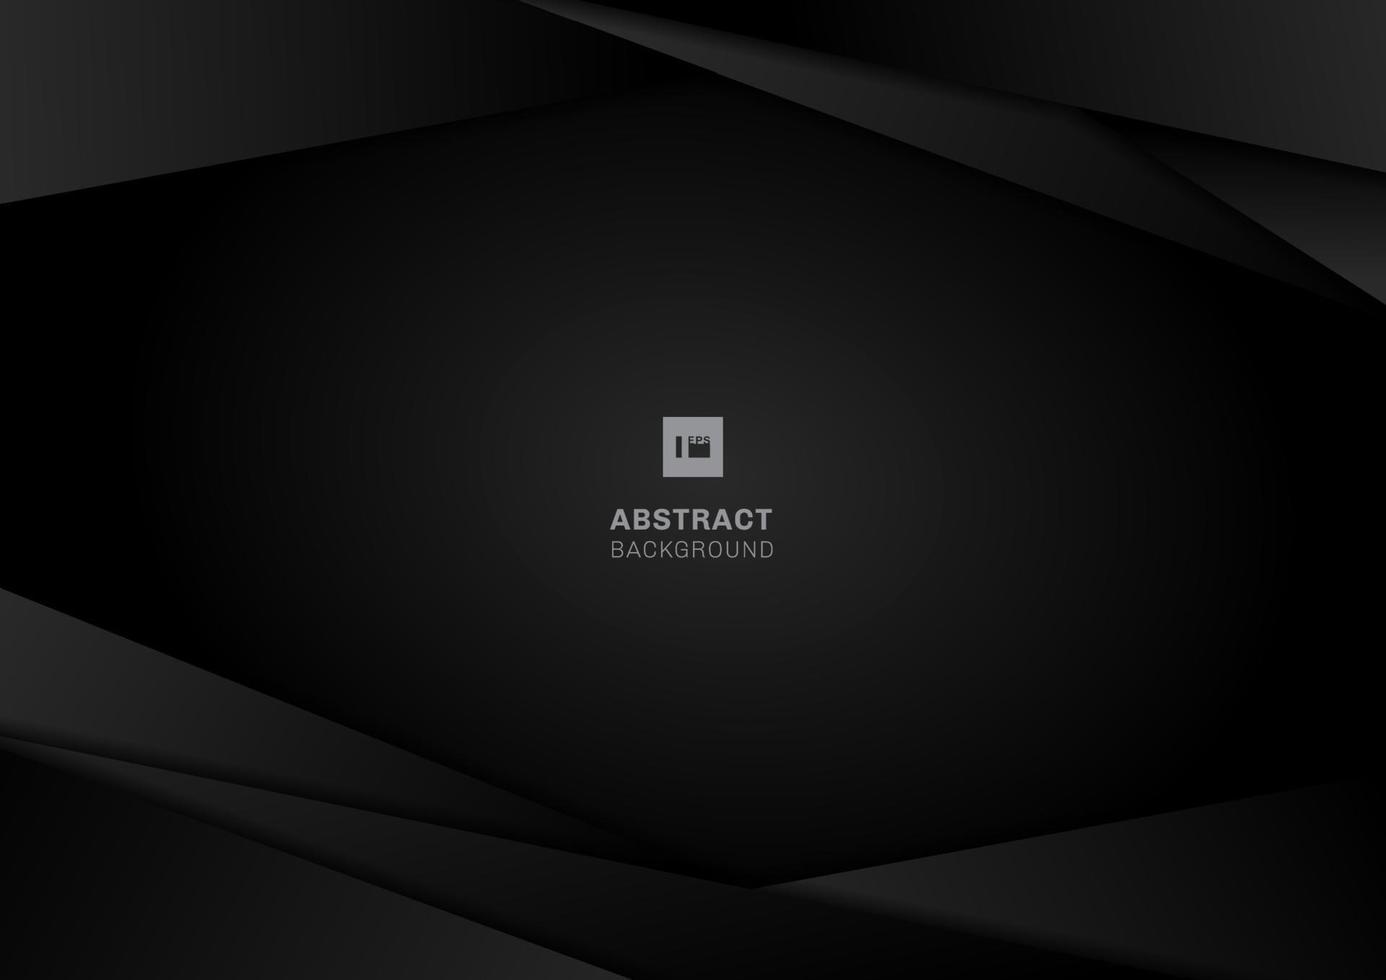 modèle abstrait disposition du cadre géométrique noir. conception de la technologie moderne sur fond sombre. vecteur